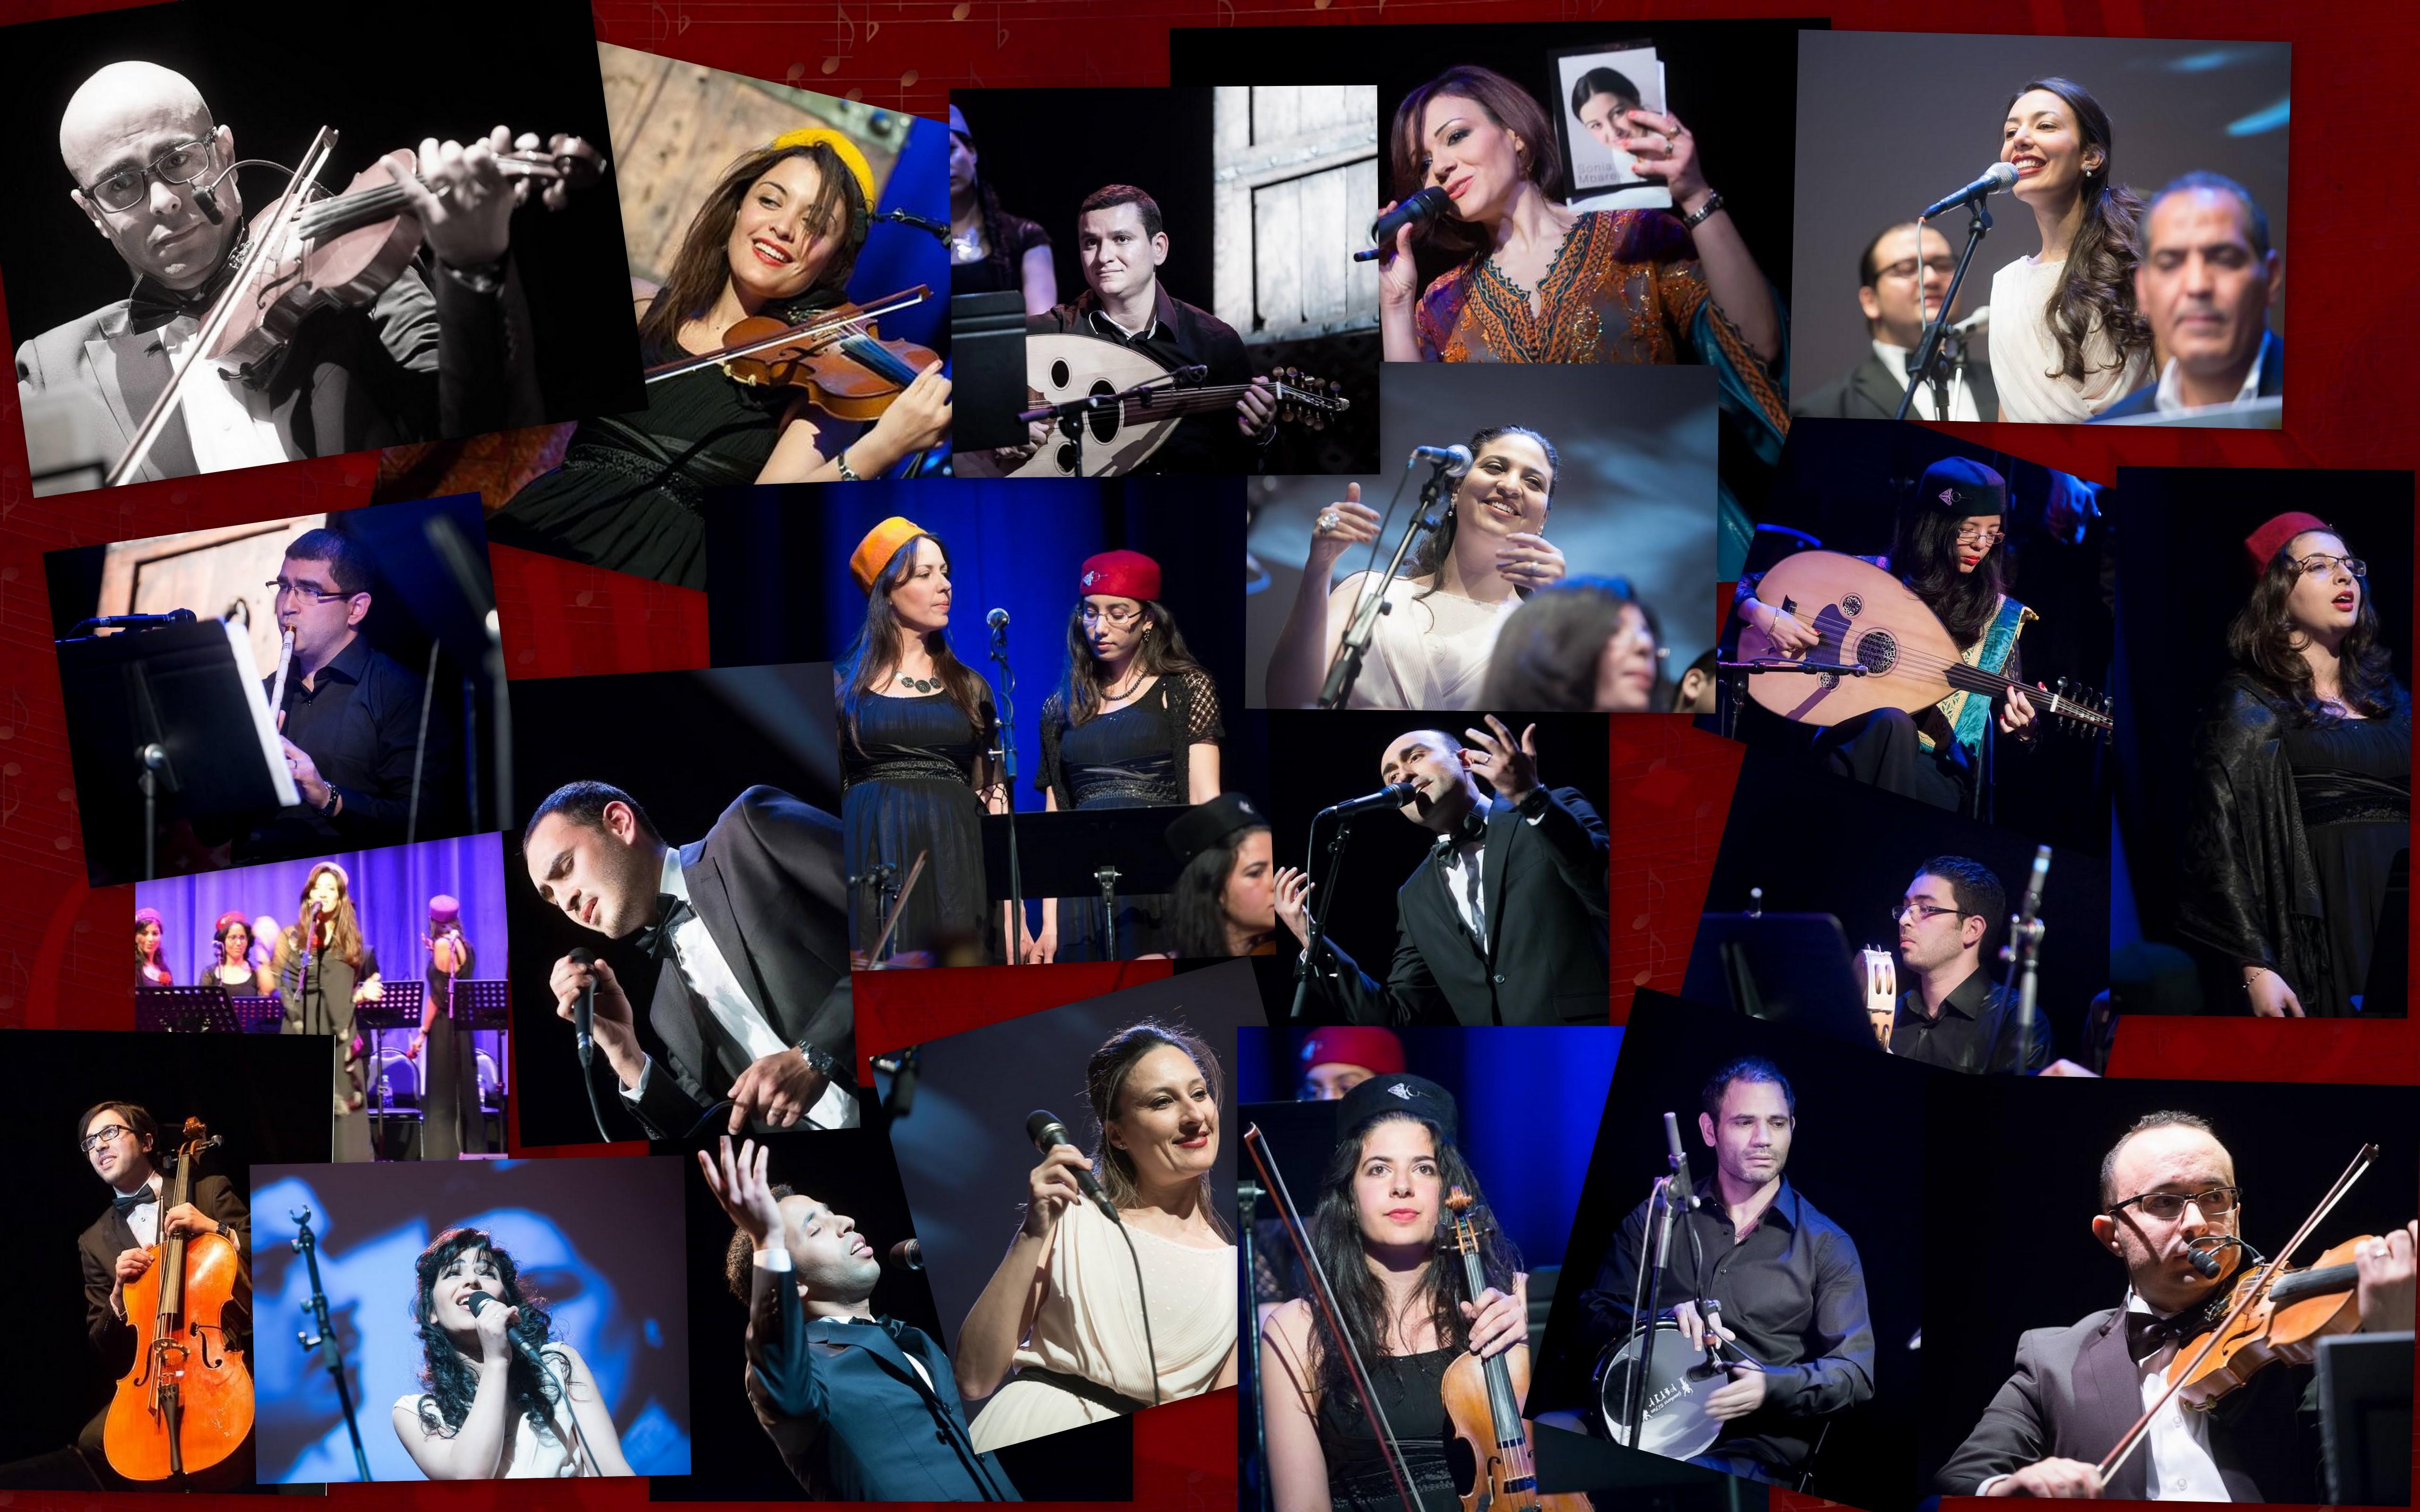 Rencontres musicales de méditerranée bastia 2013